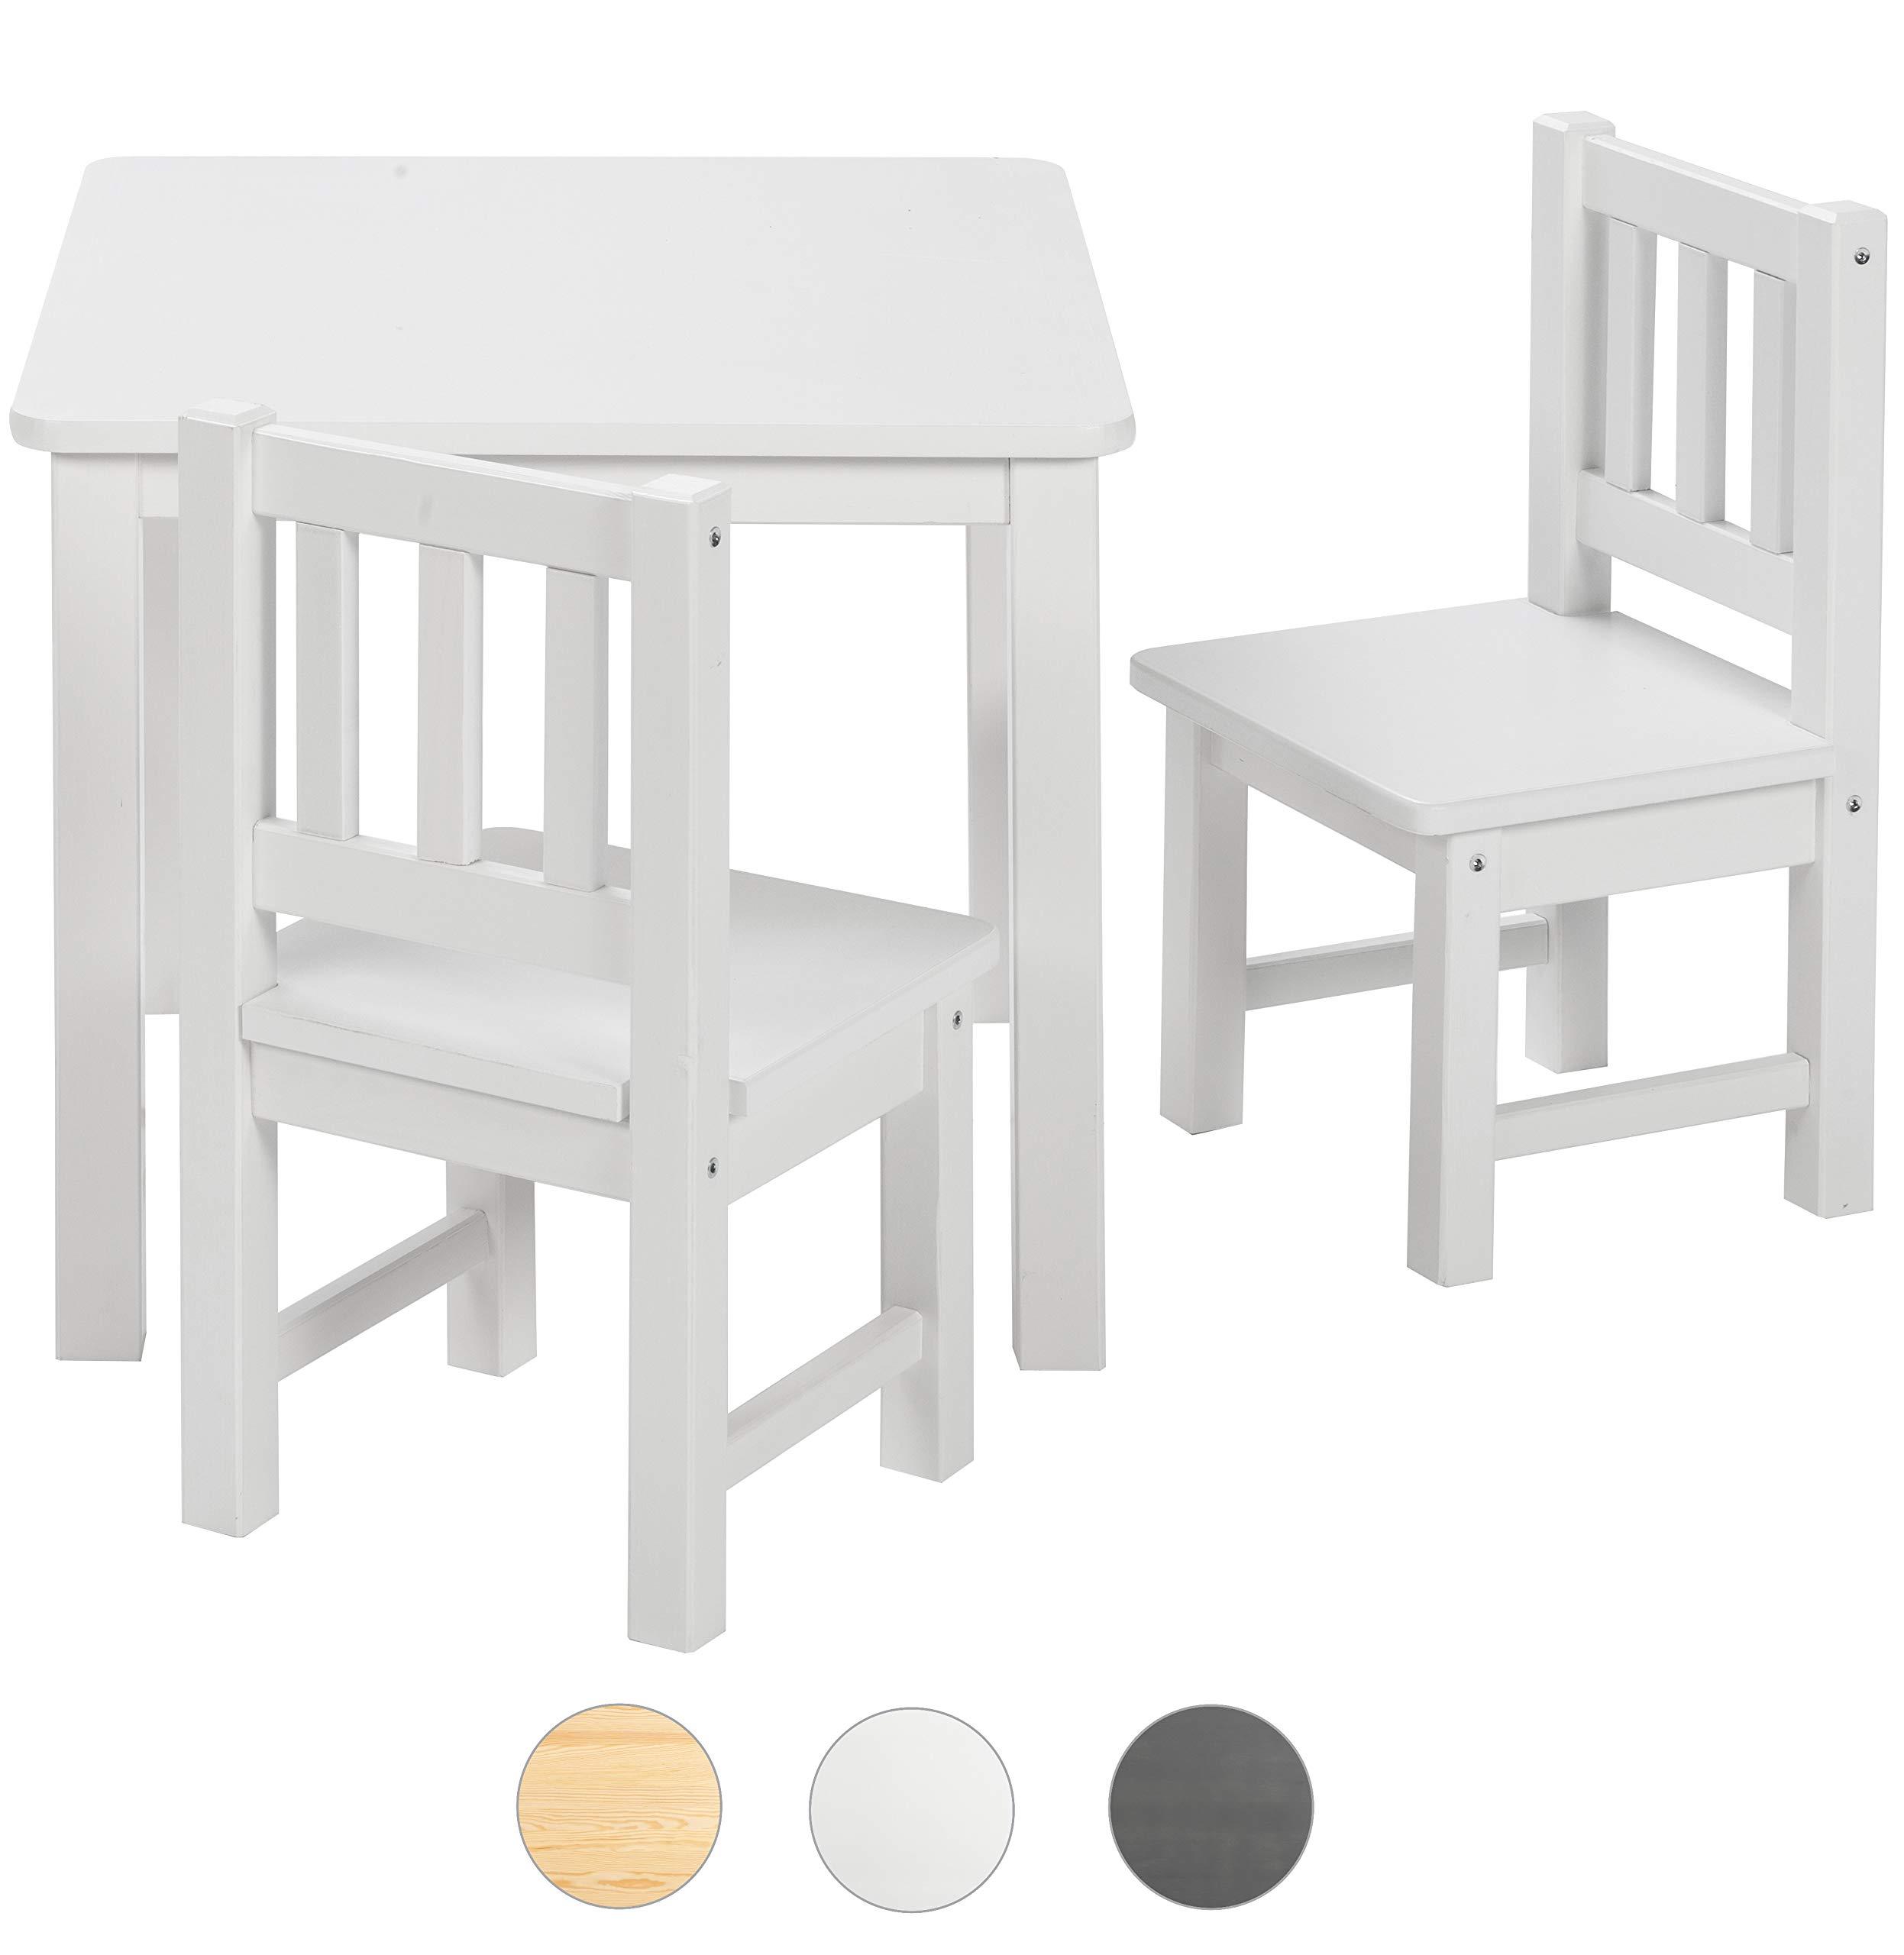 am besten bewertete produkte in der kategorie kinderschreibtische. Black Bedroom Furniture Sets. Home Design Ideas